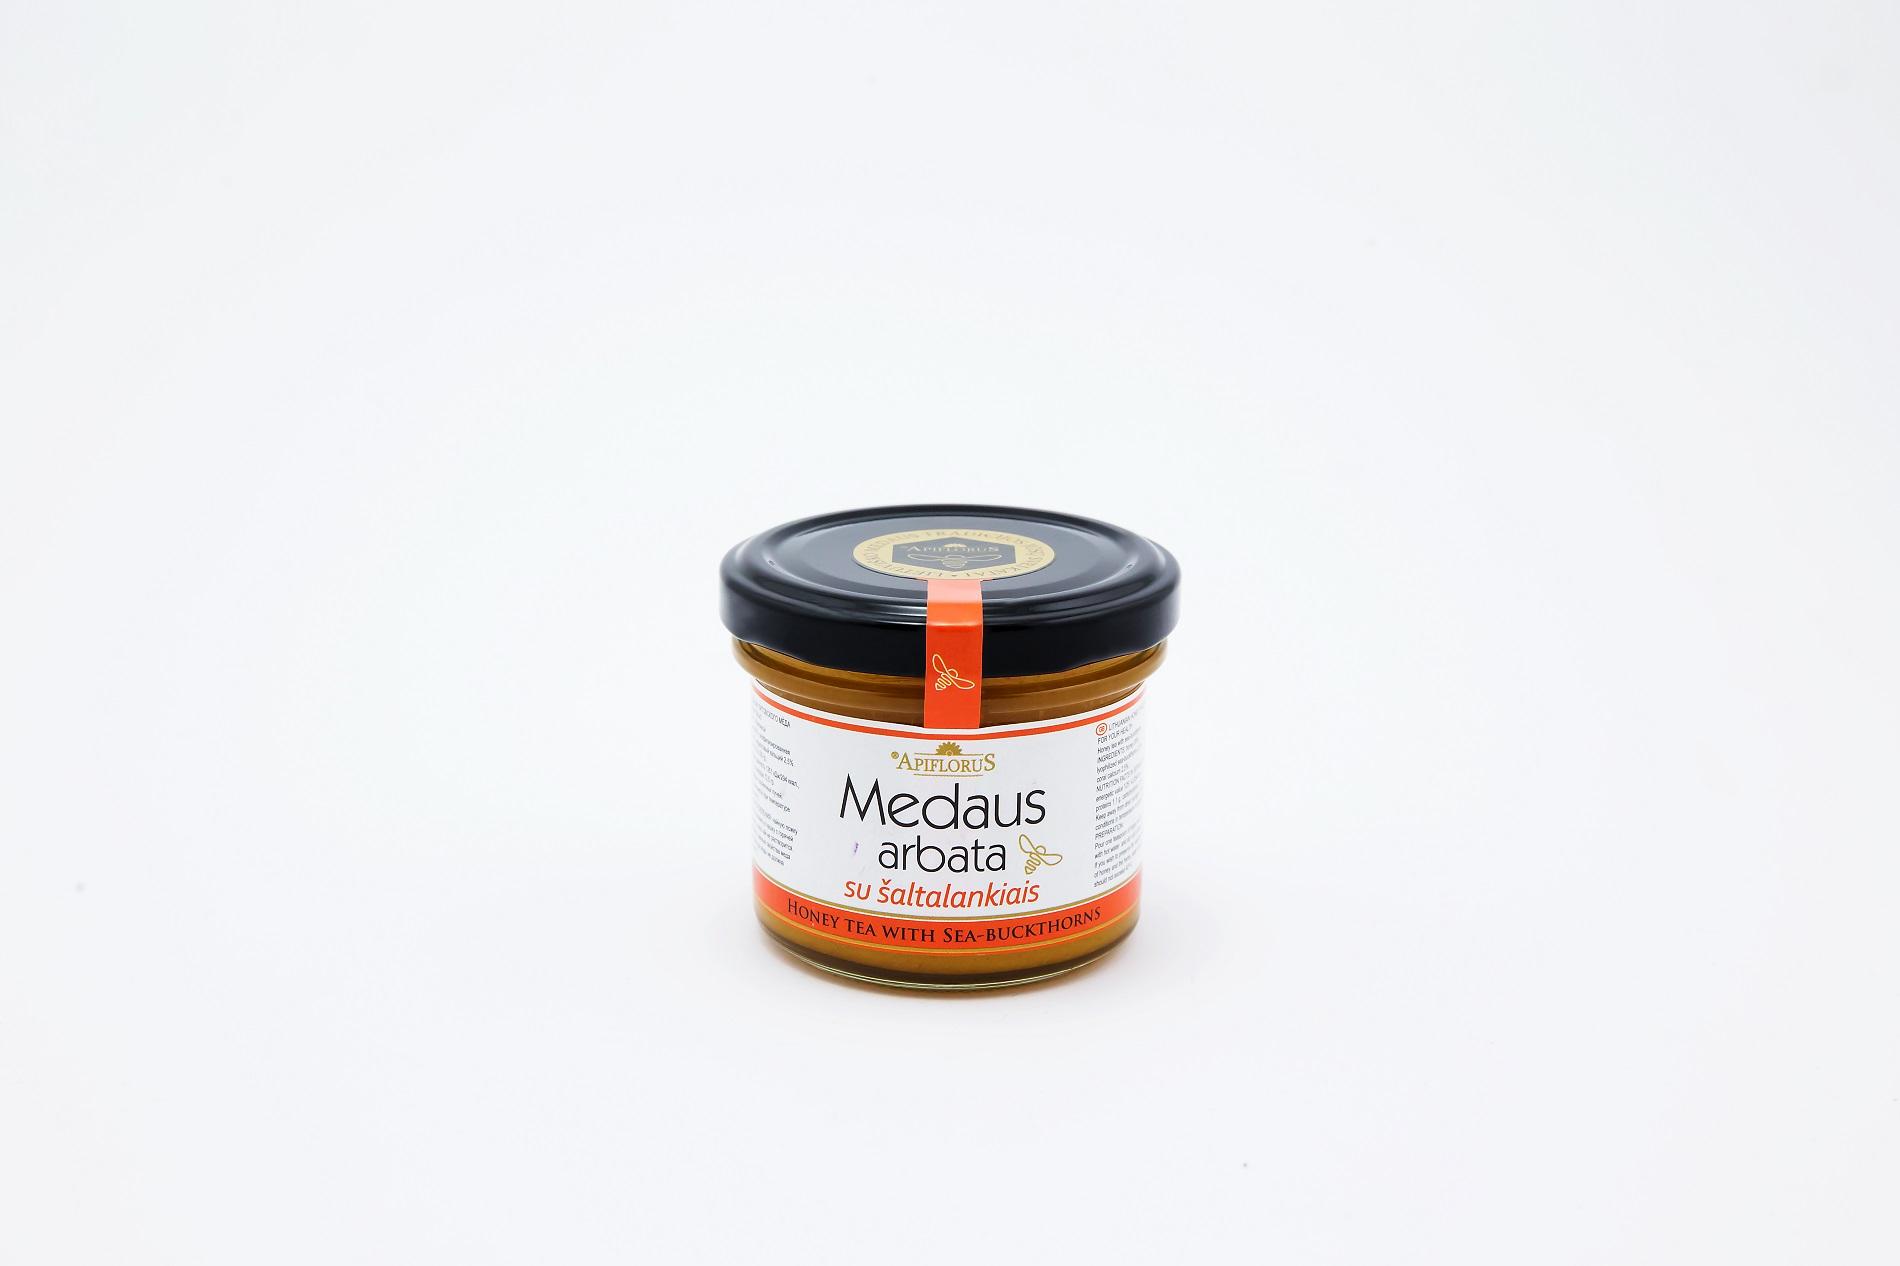 MEDAUS ARBATA SU ŠALTALANKIAIS Apiflorus, 140g